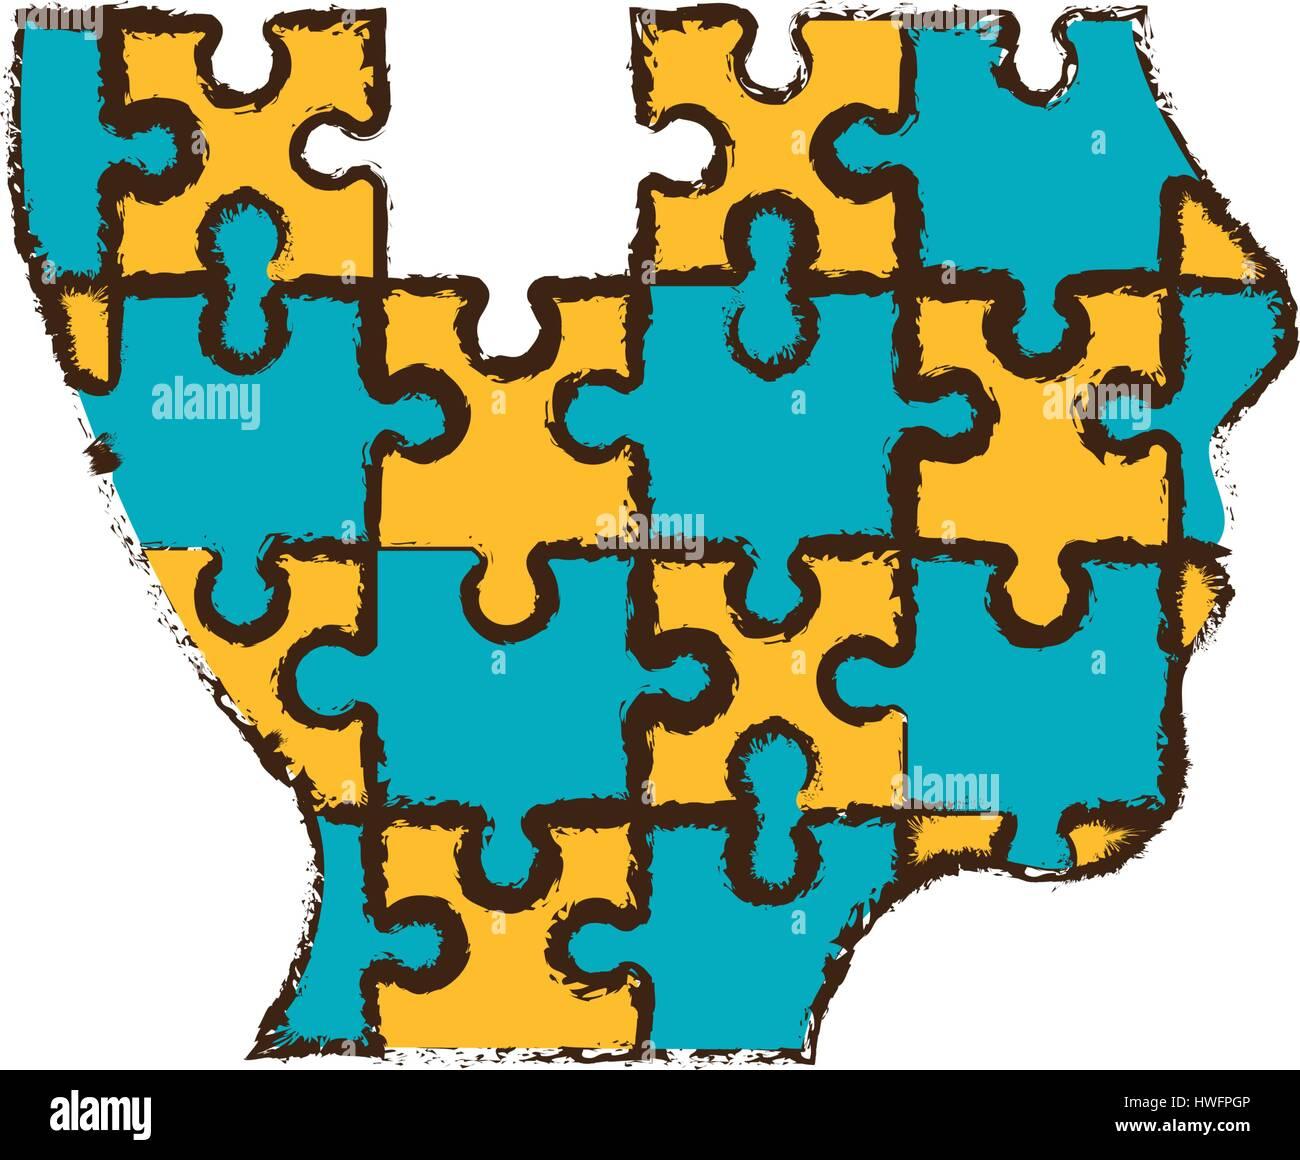 head puzzle pieces image Stock Vector